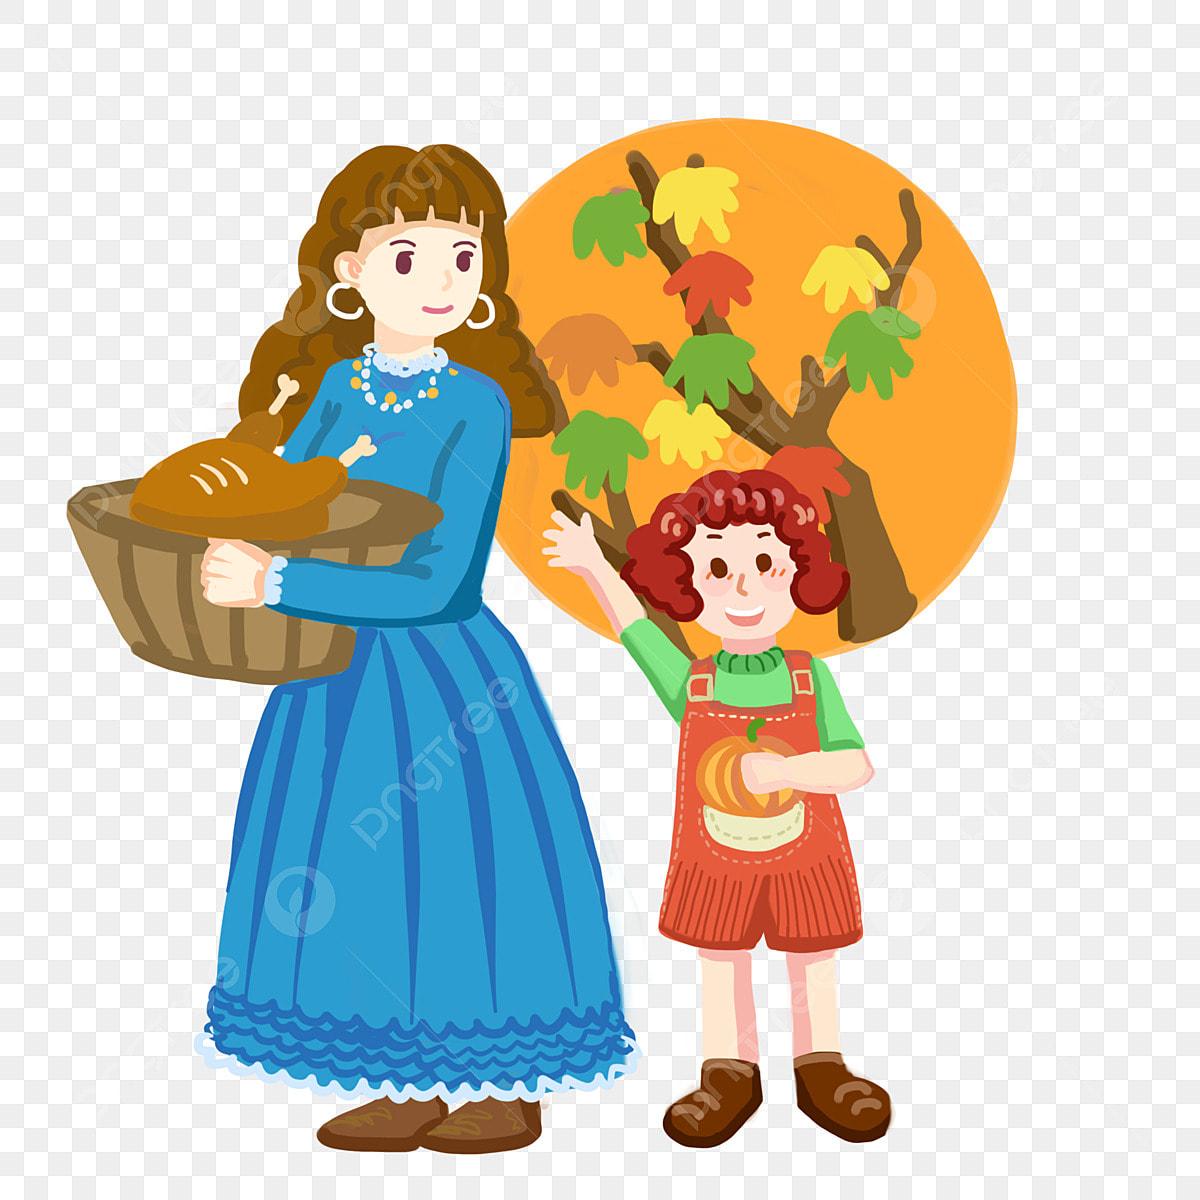 Dia De Acao De Gracas Anciao Agradecido Amigo Grato Irma De Acao